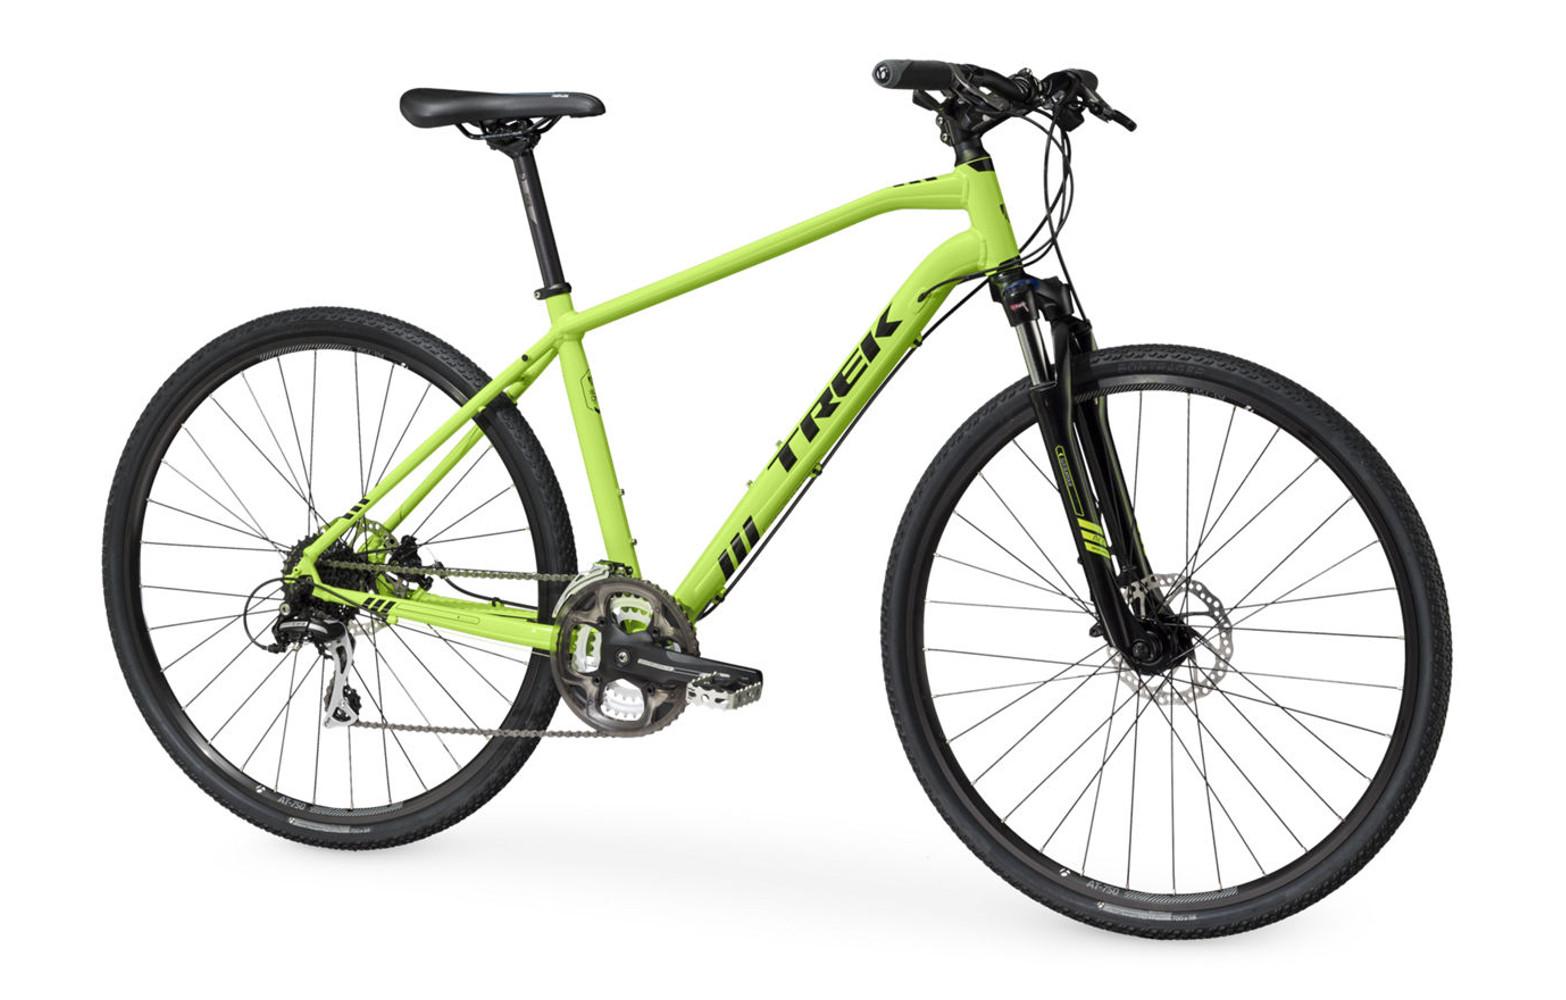 trek 8 3 ds hybrid bike green 2016. Black Bedroom Furniture Sets. Home Design Ideas